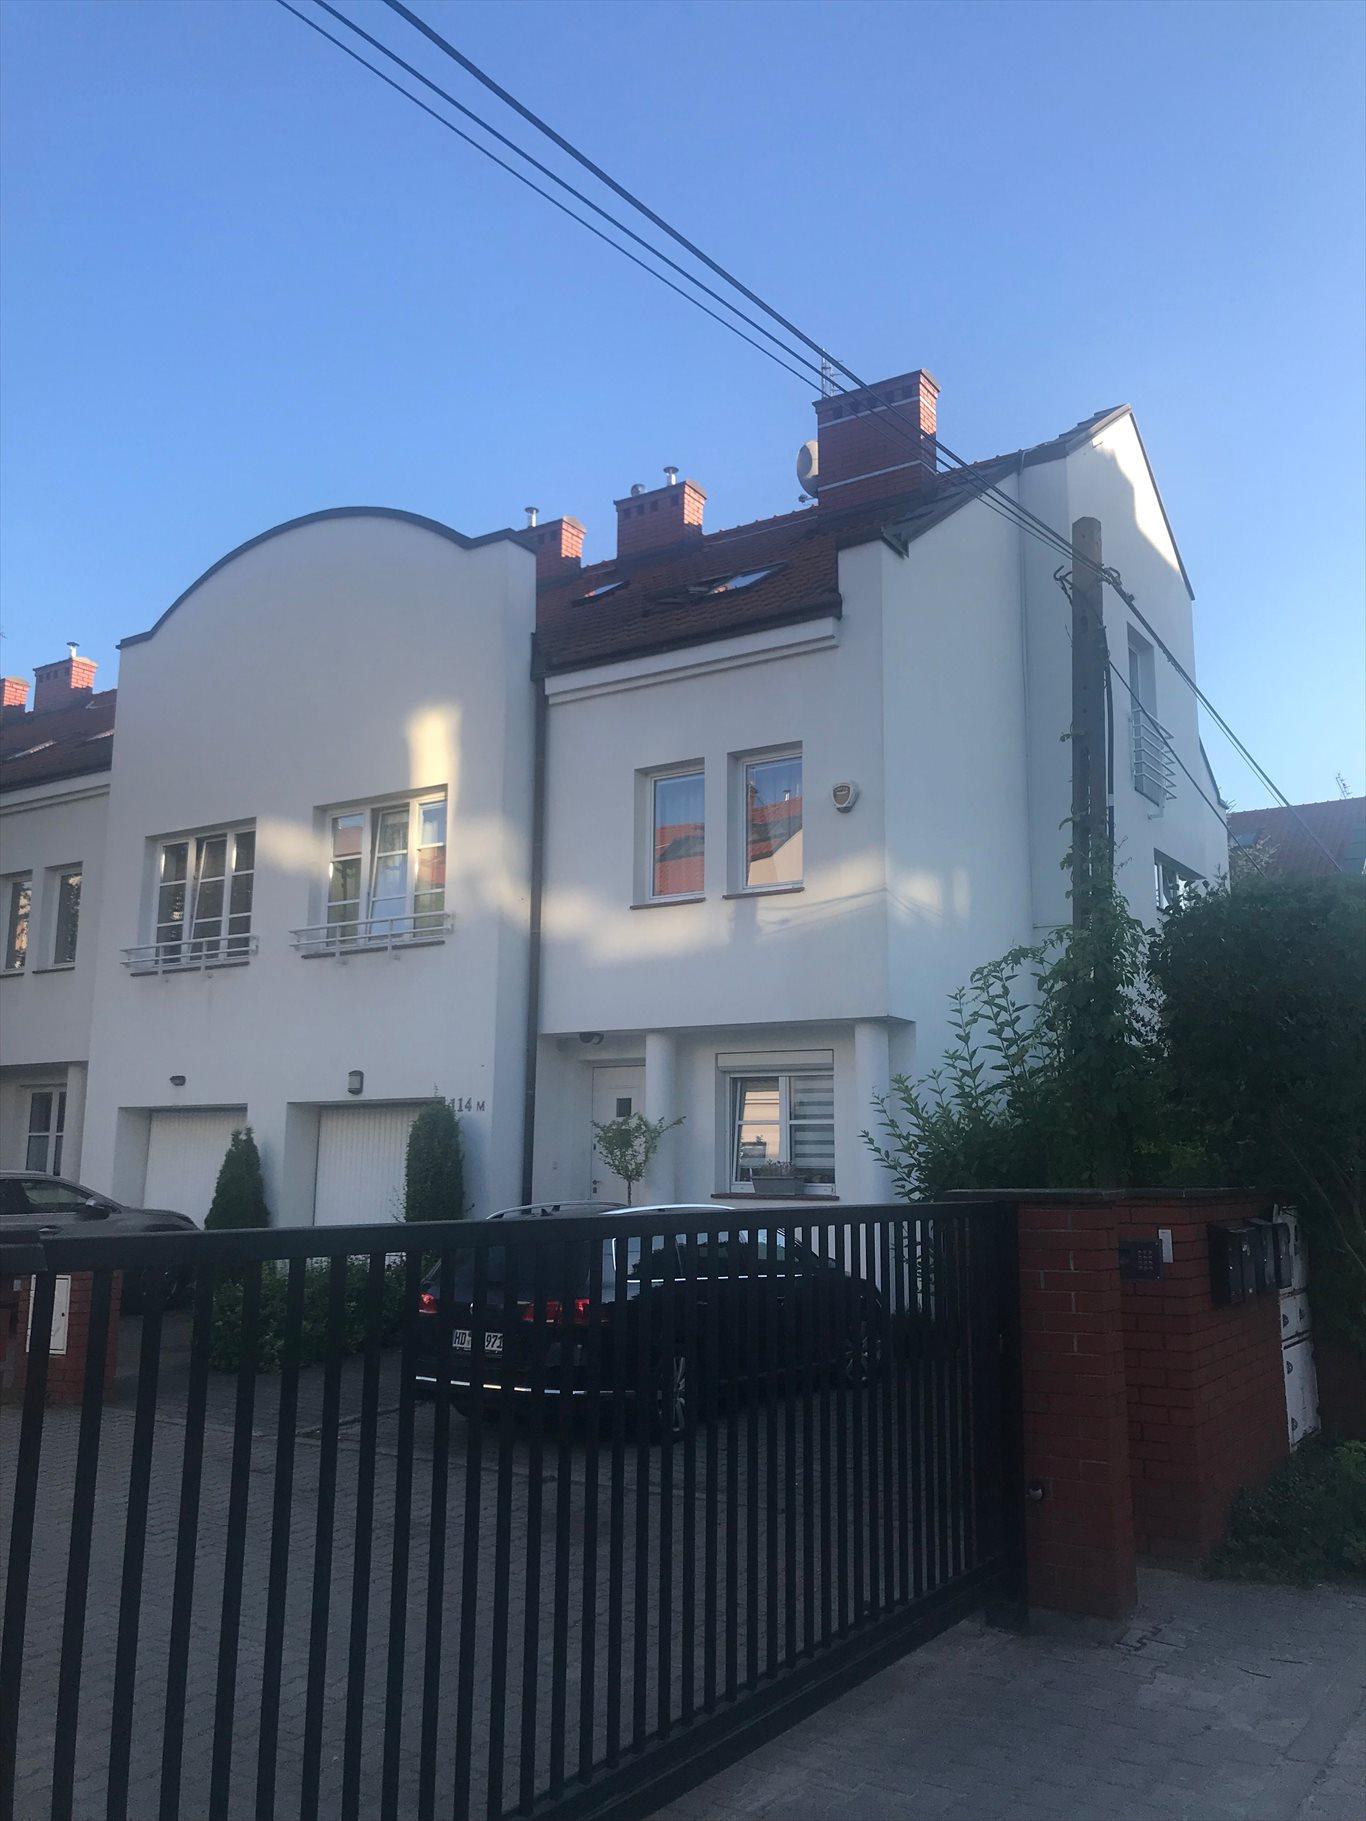 Dom na wynajem Warszawa, Wilanów, Syta 114  265m2 Foto 1